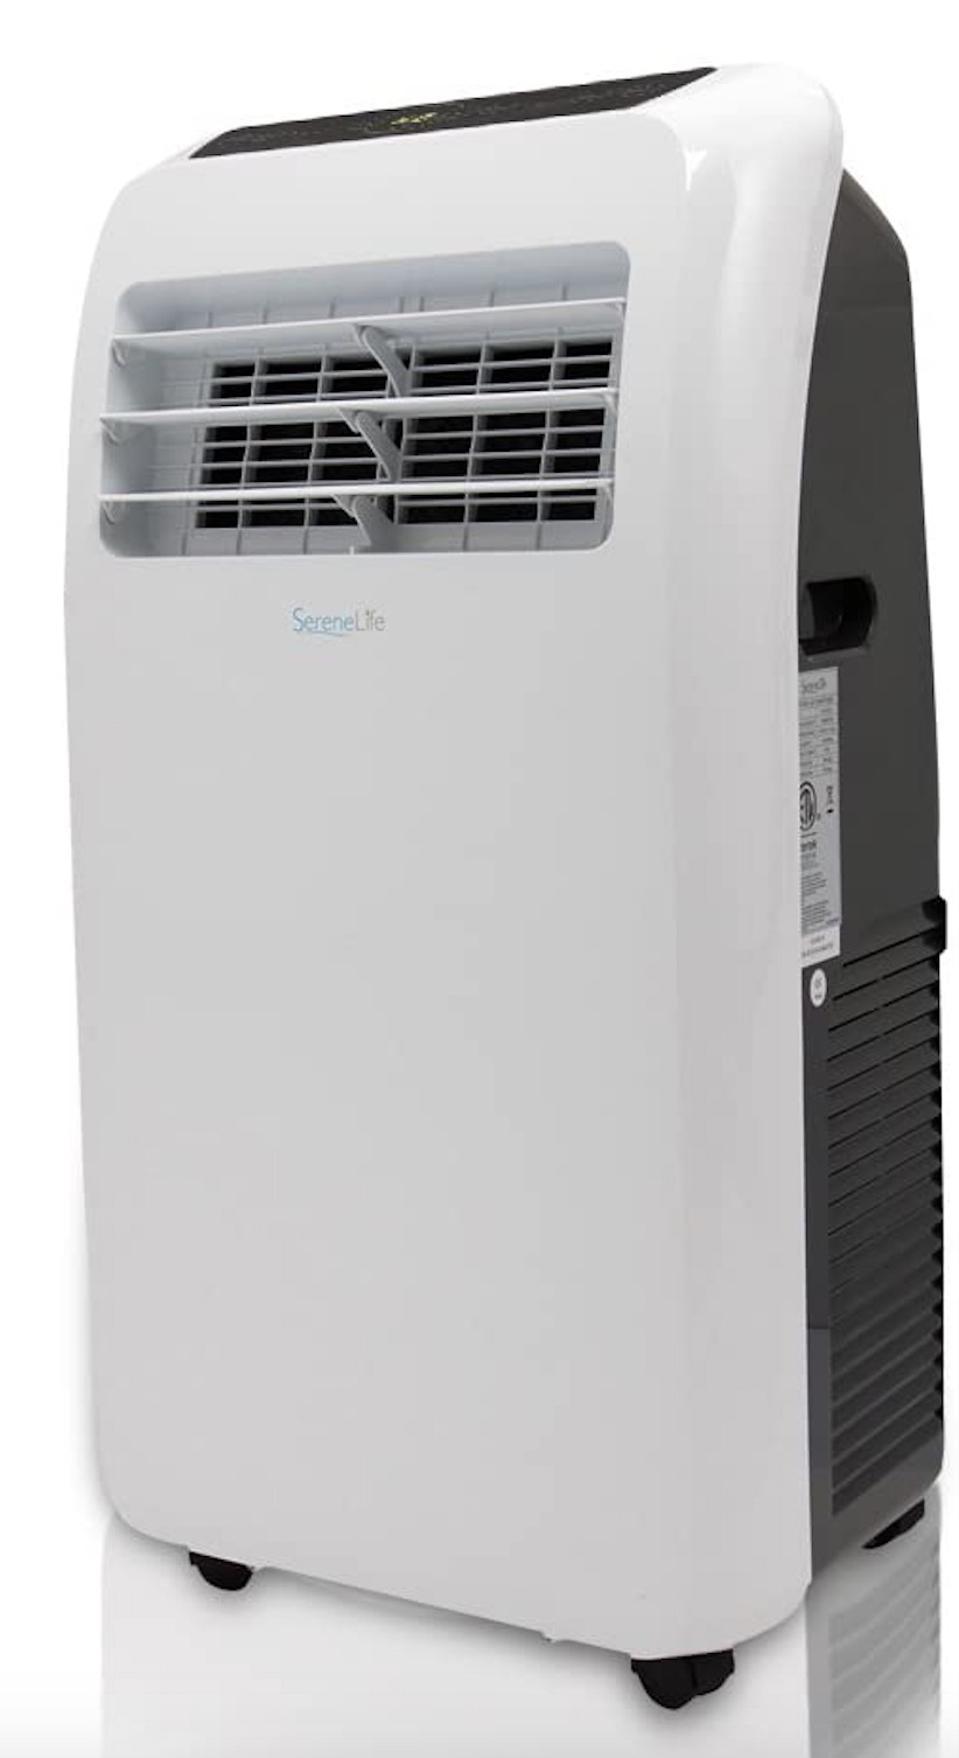 SereneLife SLPAC10 Air Conditioner